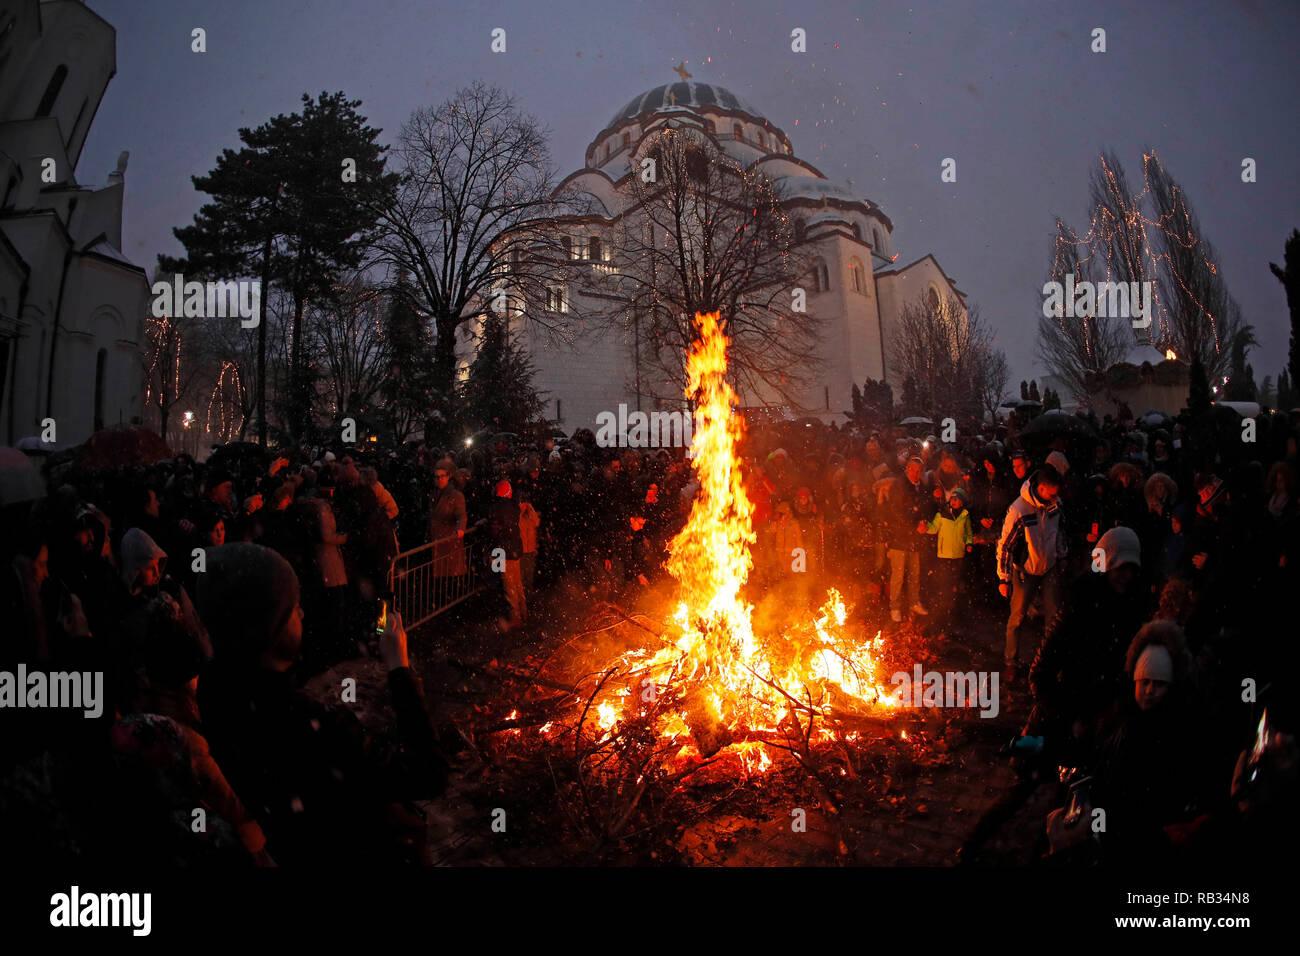 Frohe Weihnachten Serbisch.Serbisches Weihnachten Stockfotos Serbisches Weihnachten Bilder